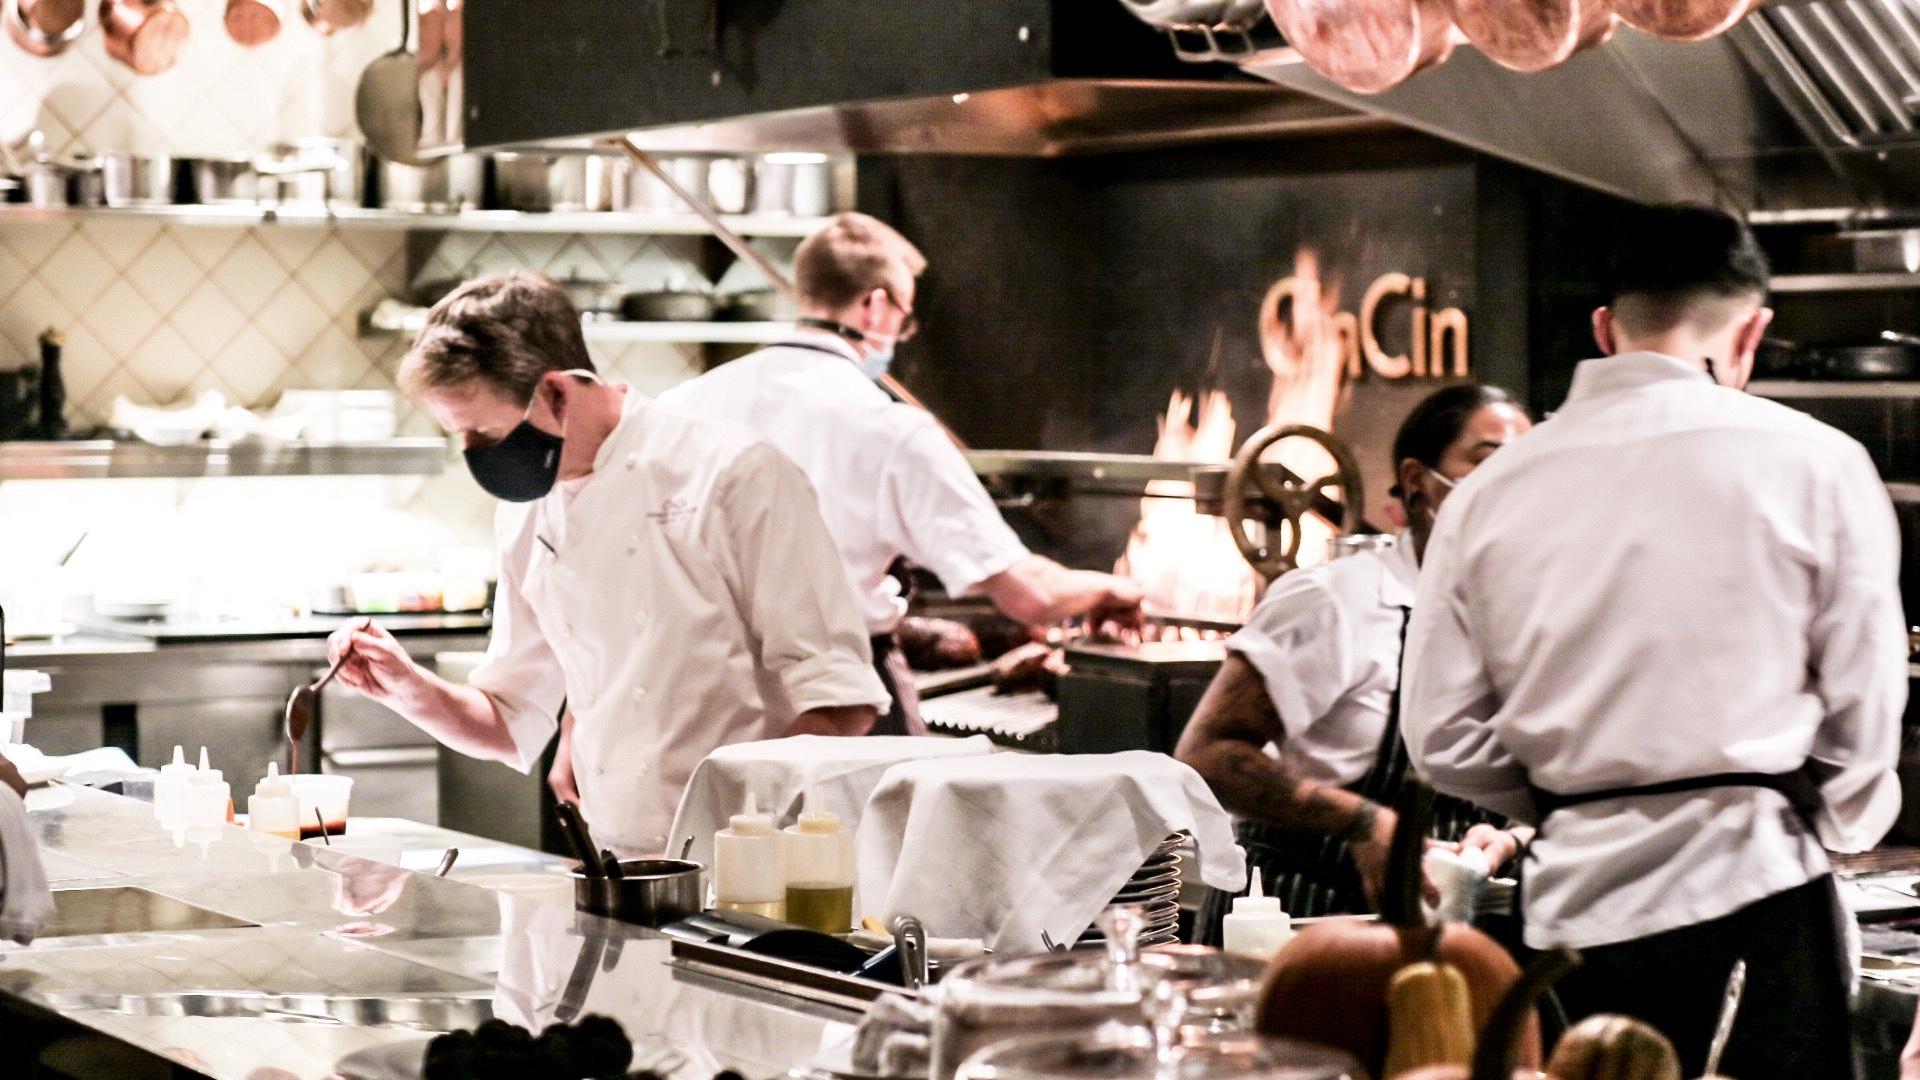 Executive Chef Andrew Richardson and Chef de Cuisine Andrea Alridge at CinCin